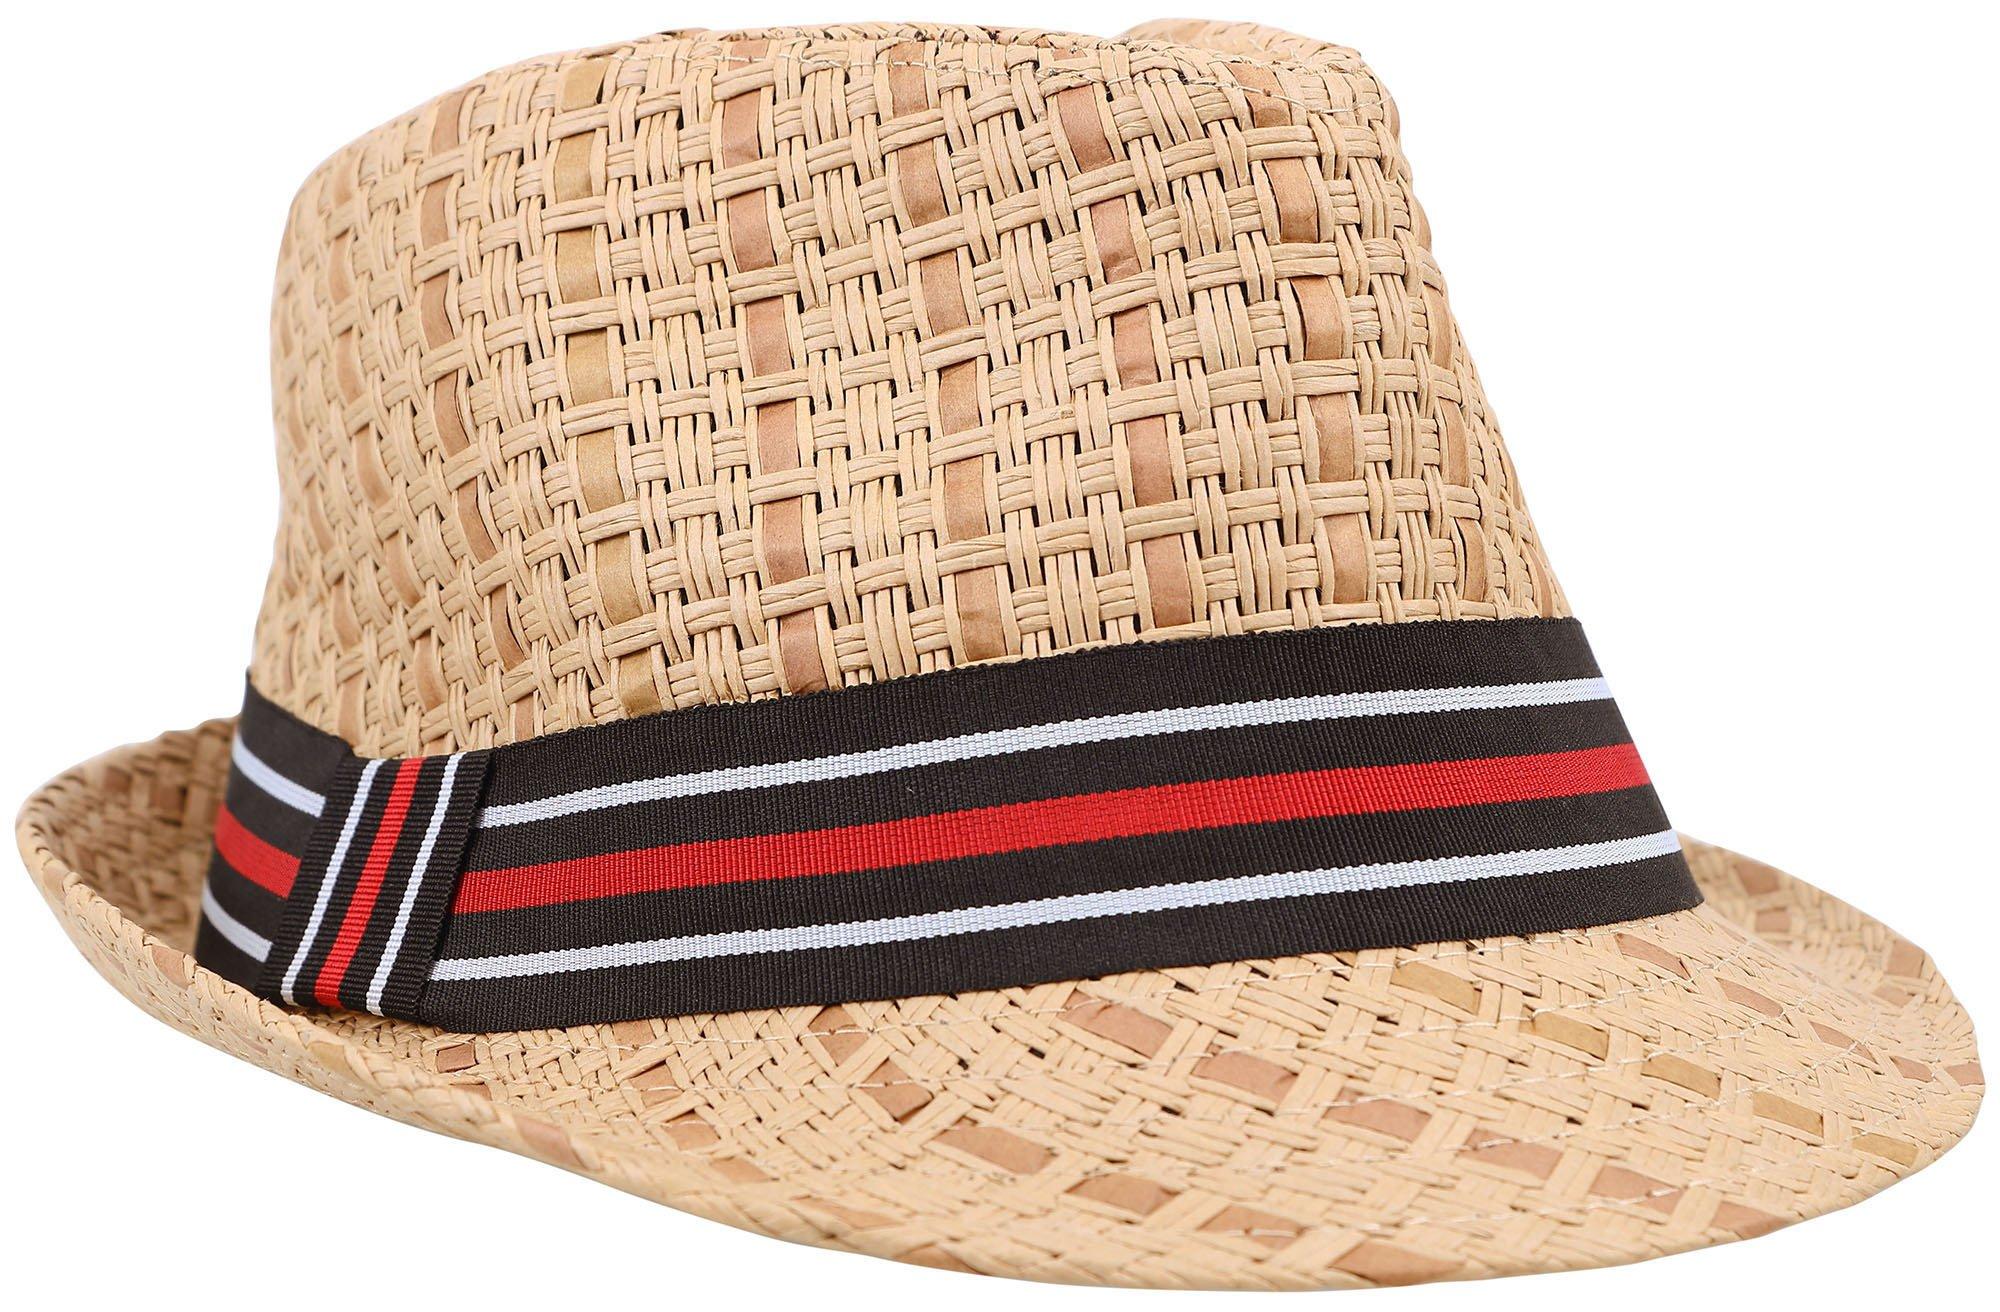 Verabella Straw Fedora Hat Women/Men's Summer Short Brim Straw Hat,Brown Hat,SM